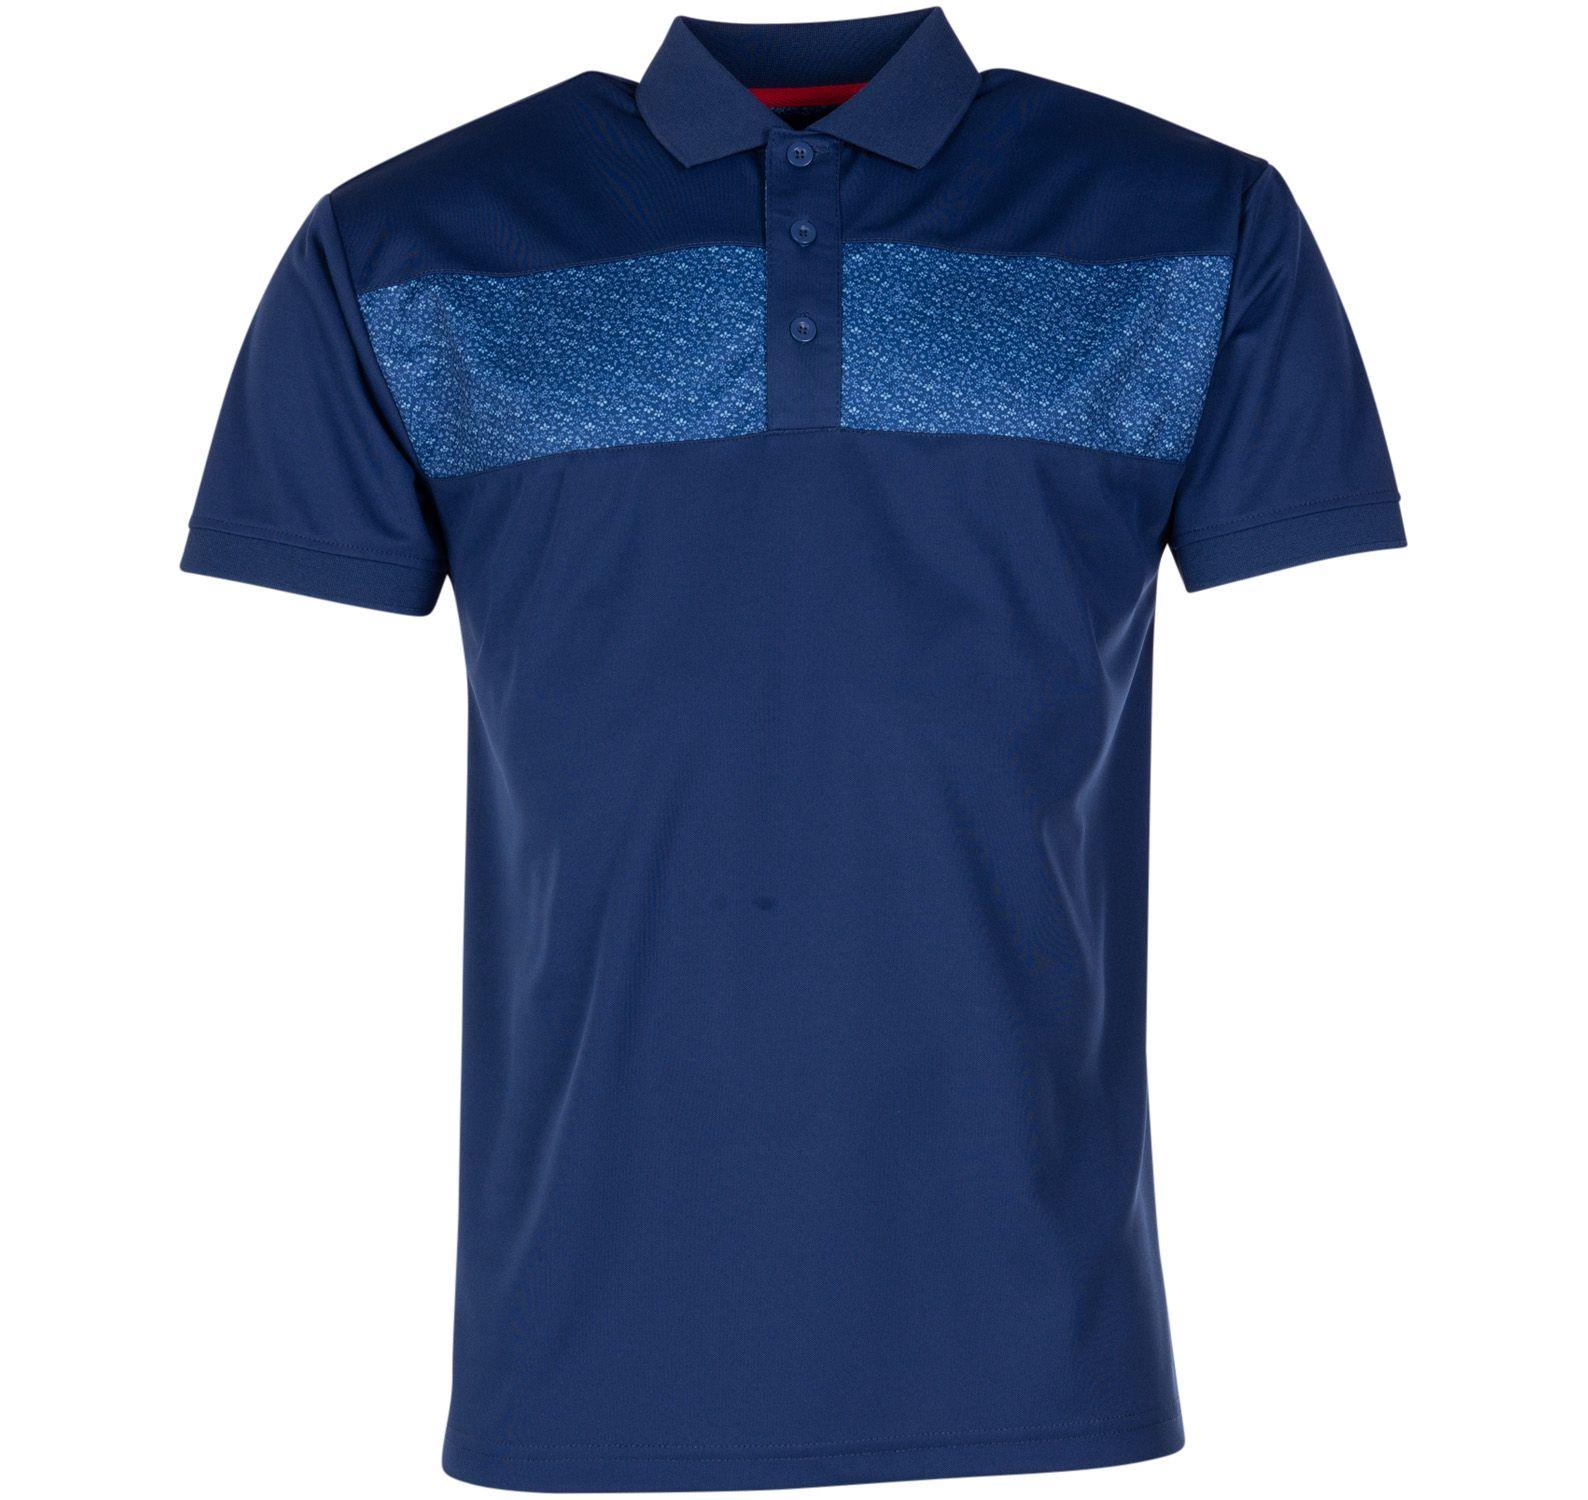 shirt 1905 d blue s, d. blue, s, varumärken